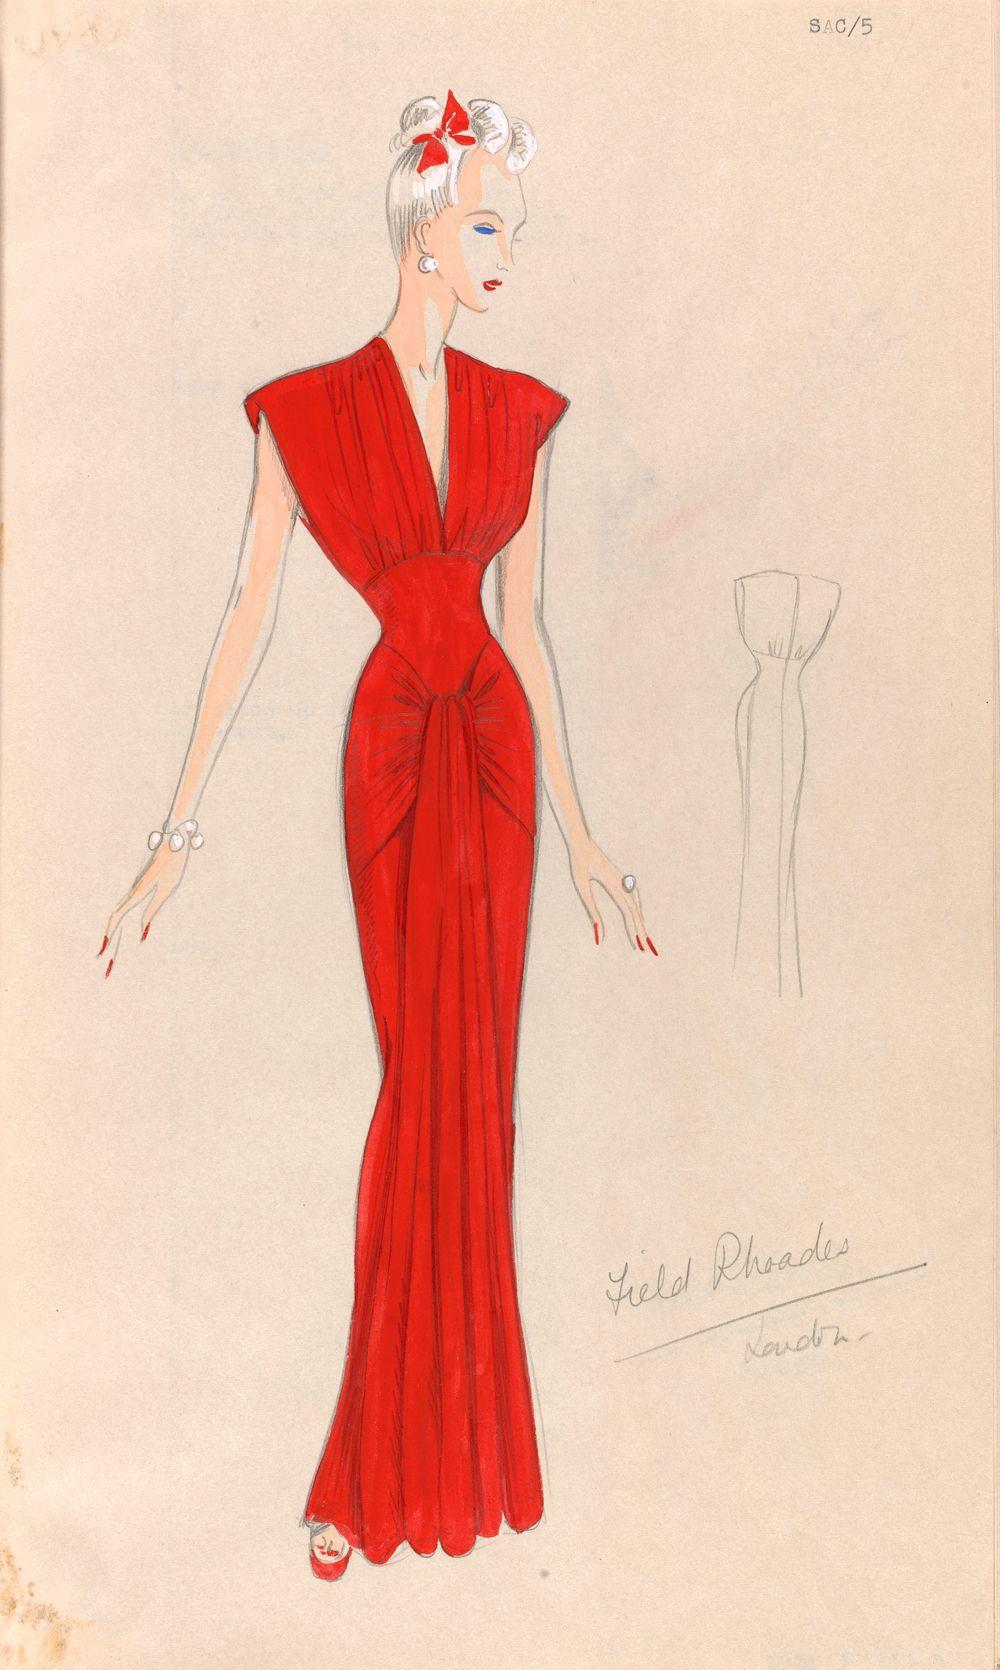 vintage clothing design